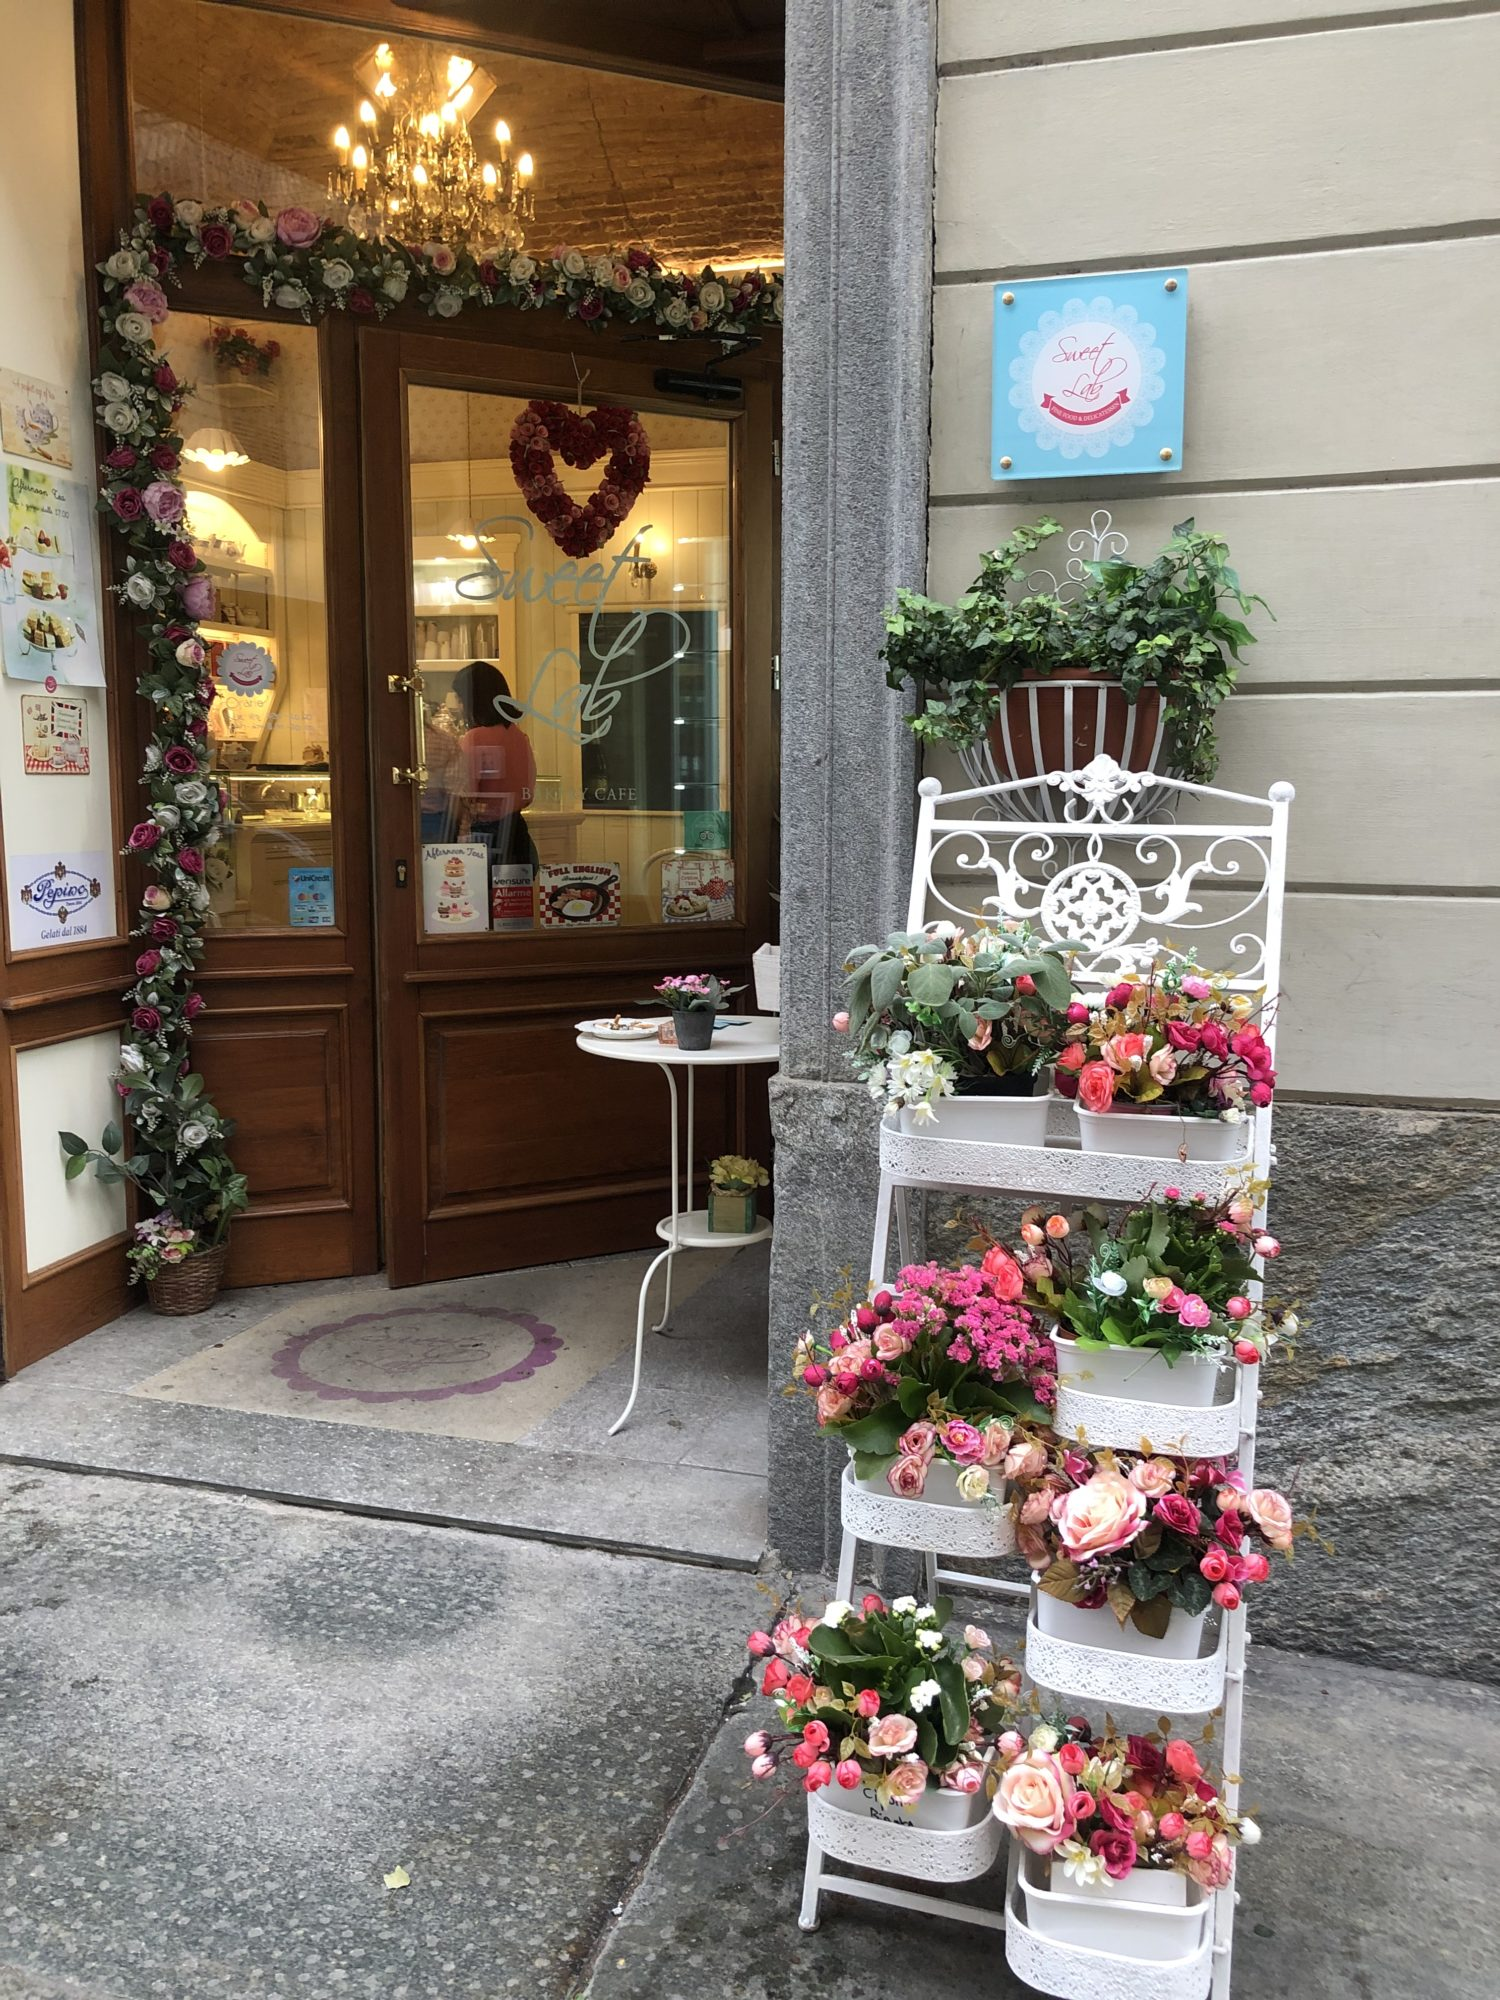 ingresso locale con tanti fiori di colore rosa